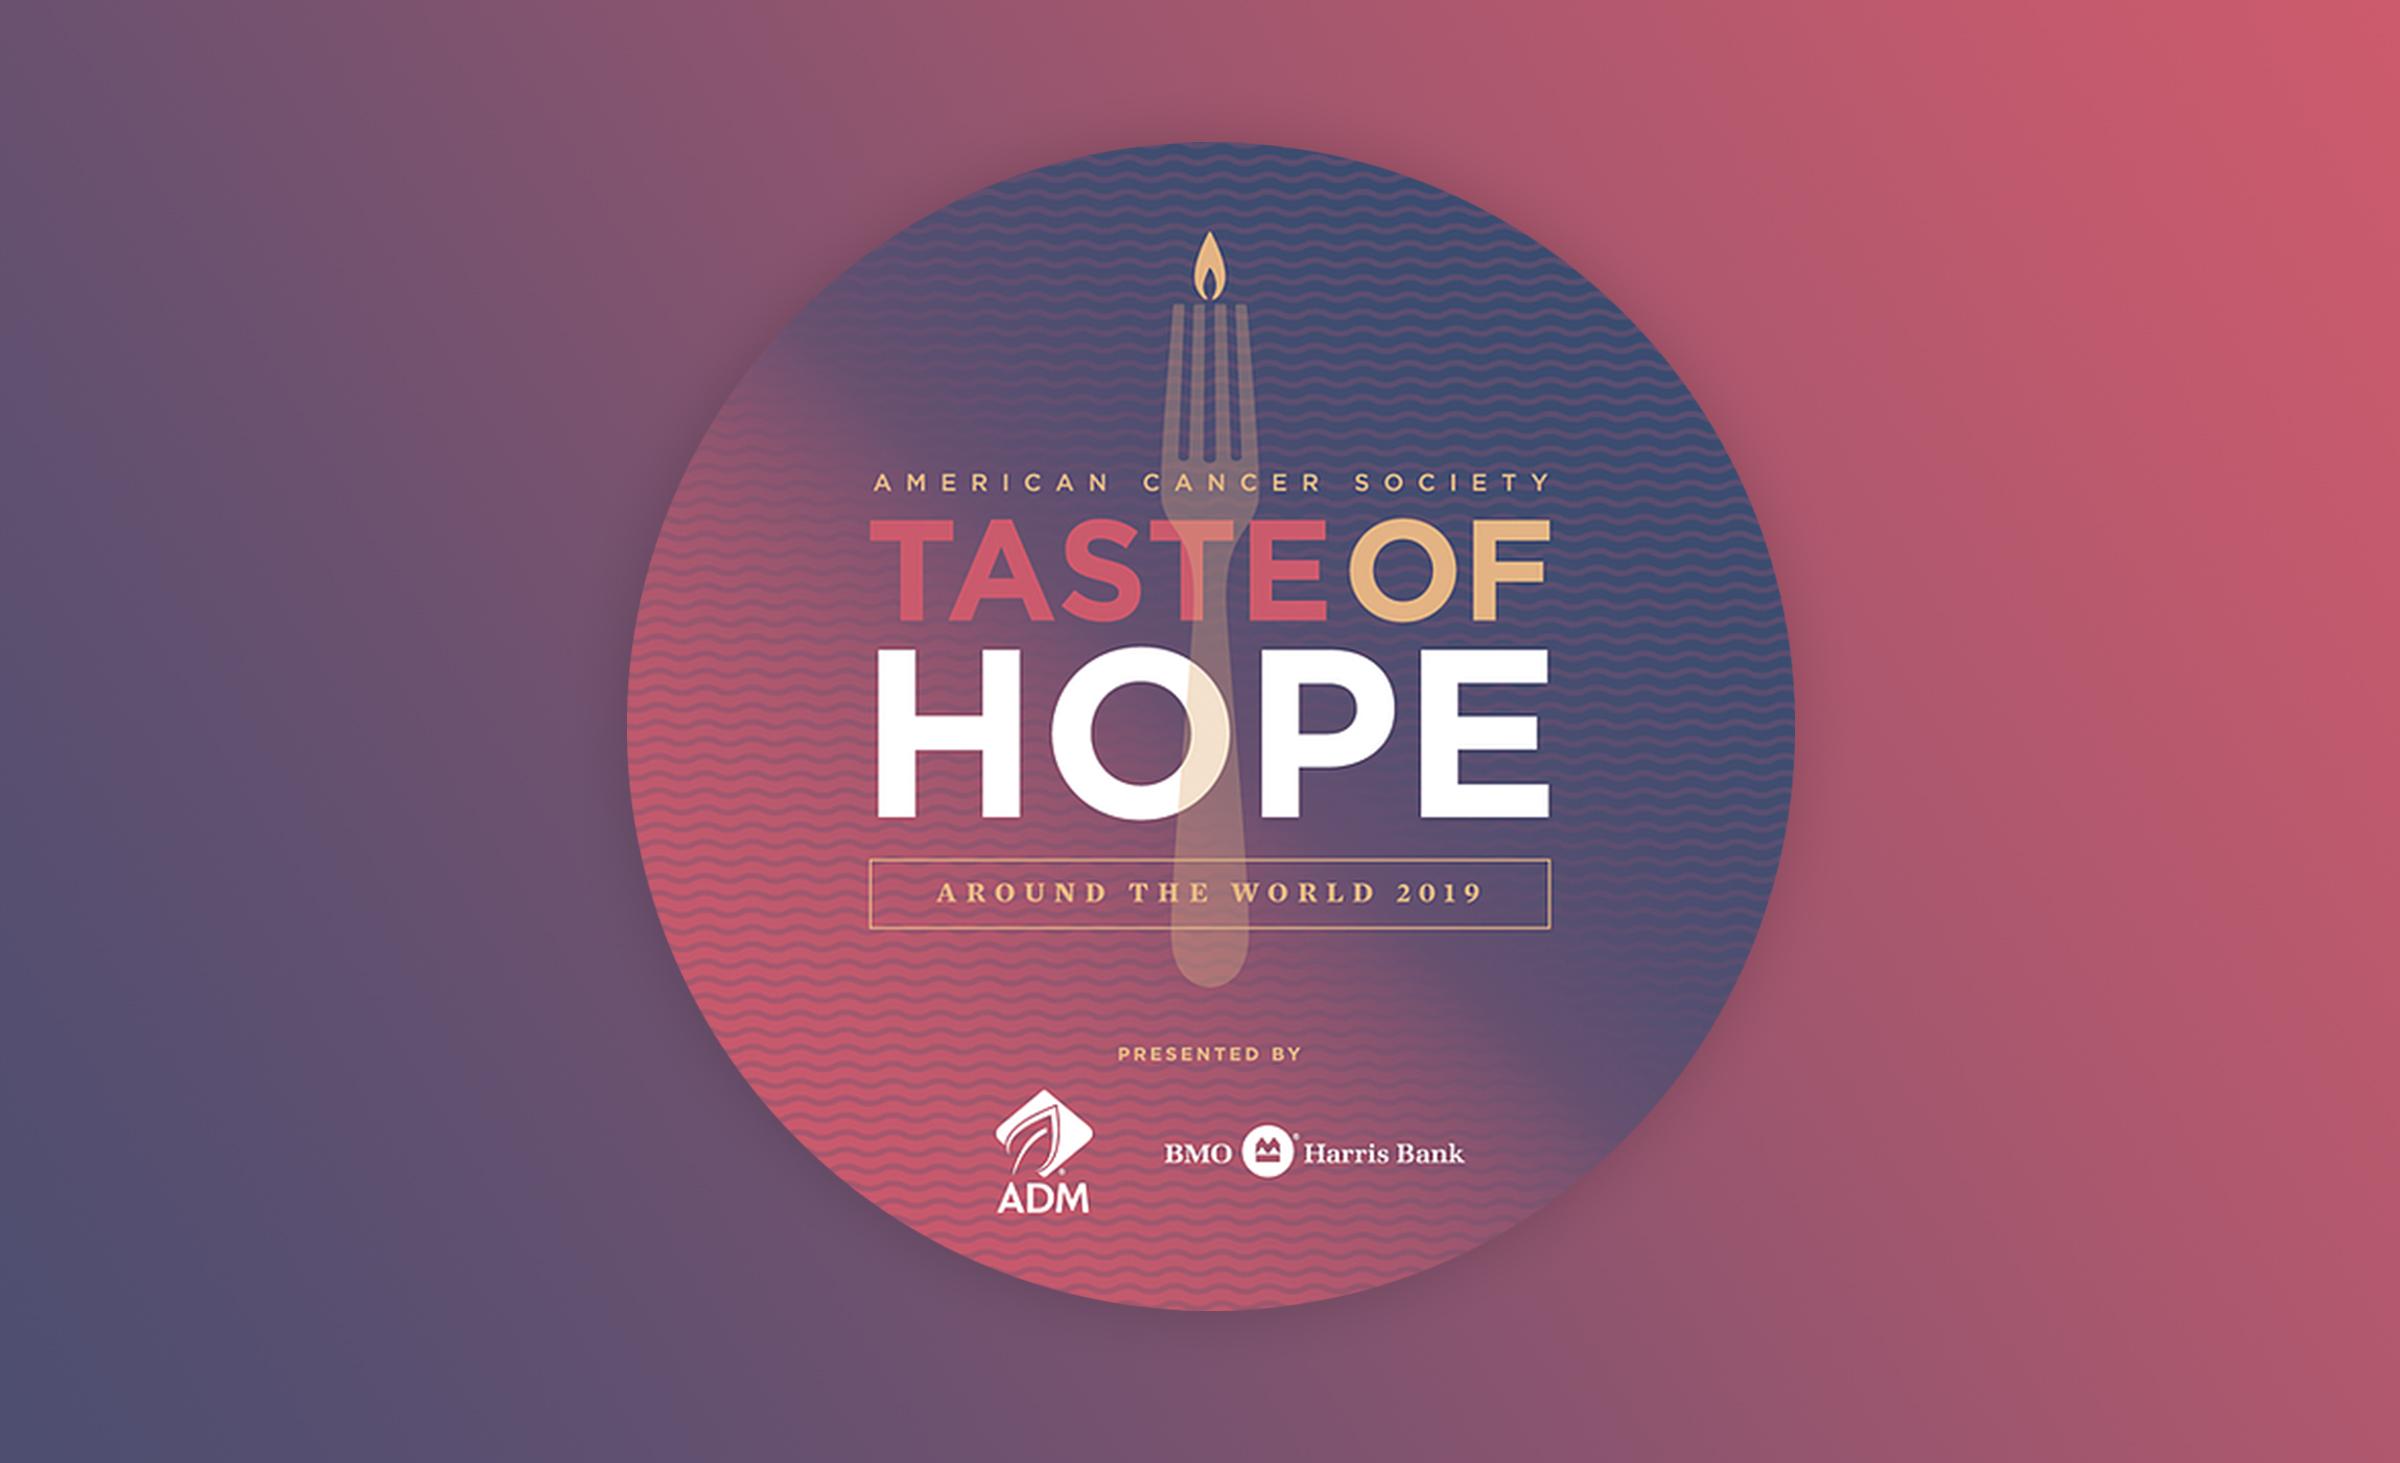 taste of hope event